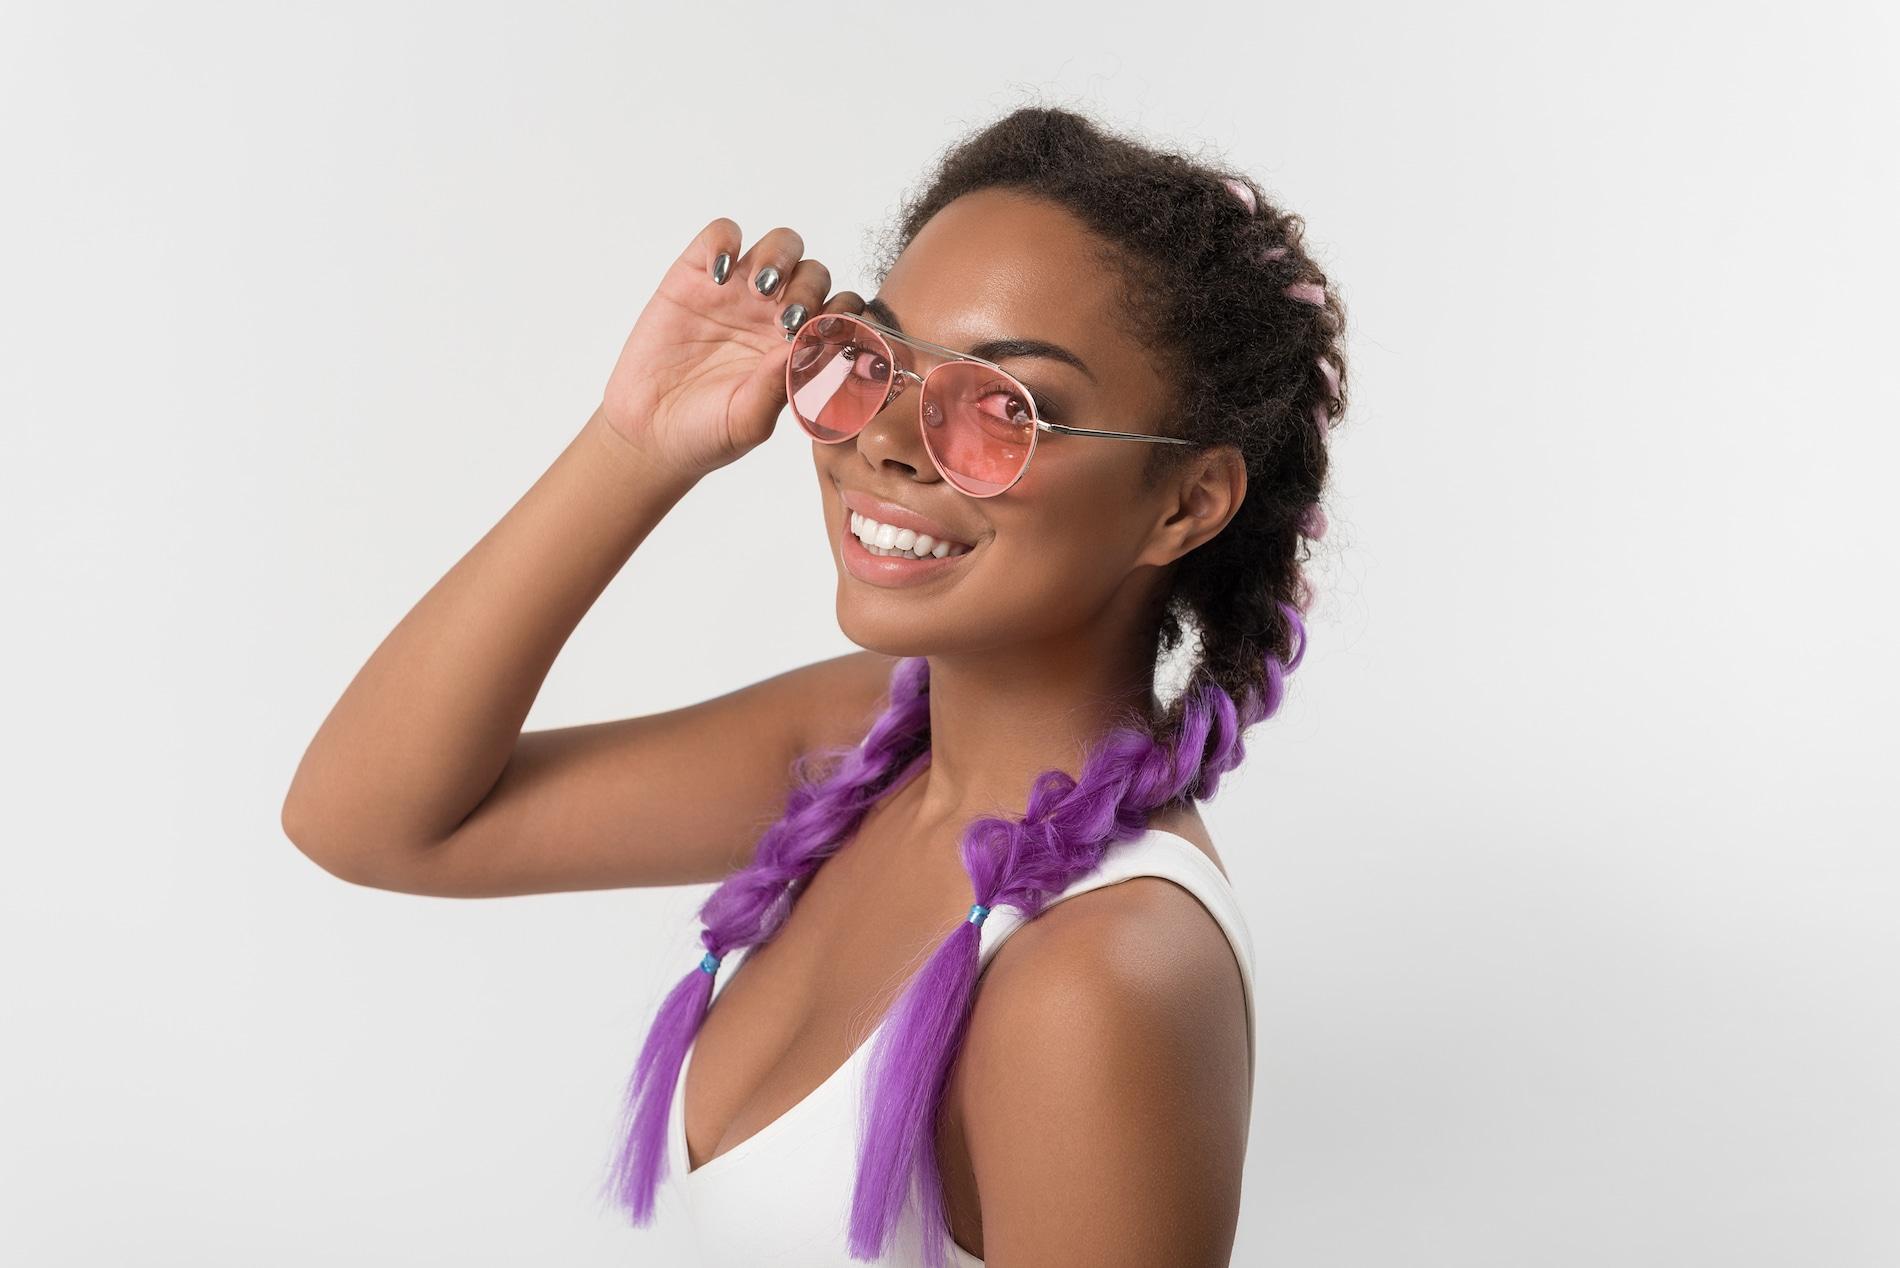 Warna rambut ungu sambungan tipe kanekalon